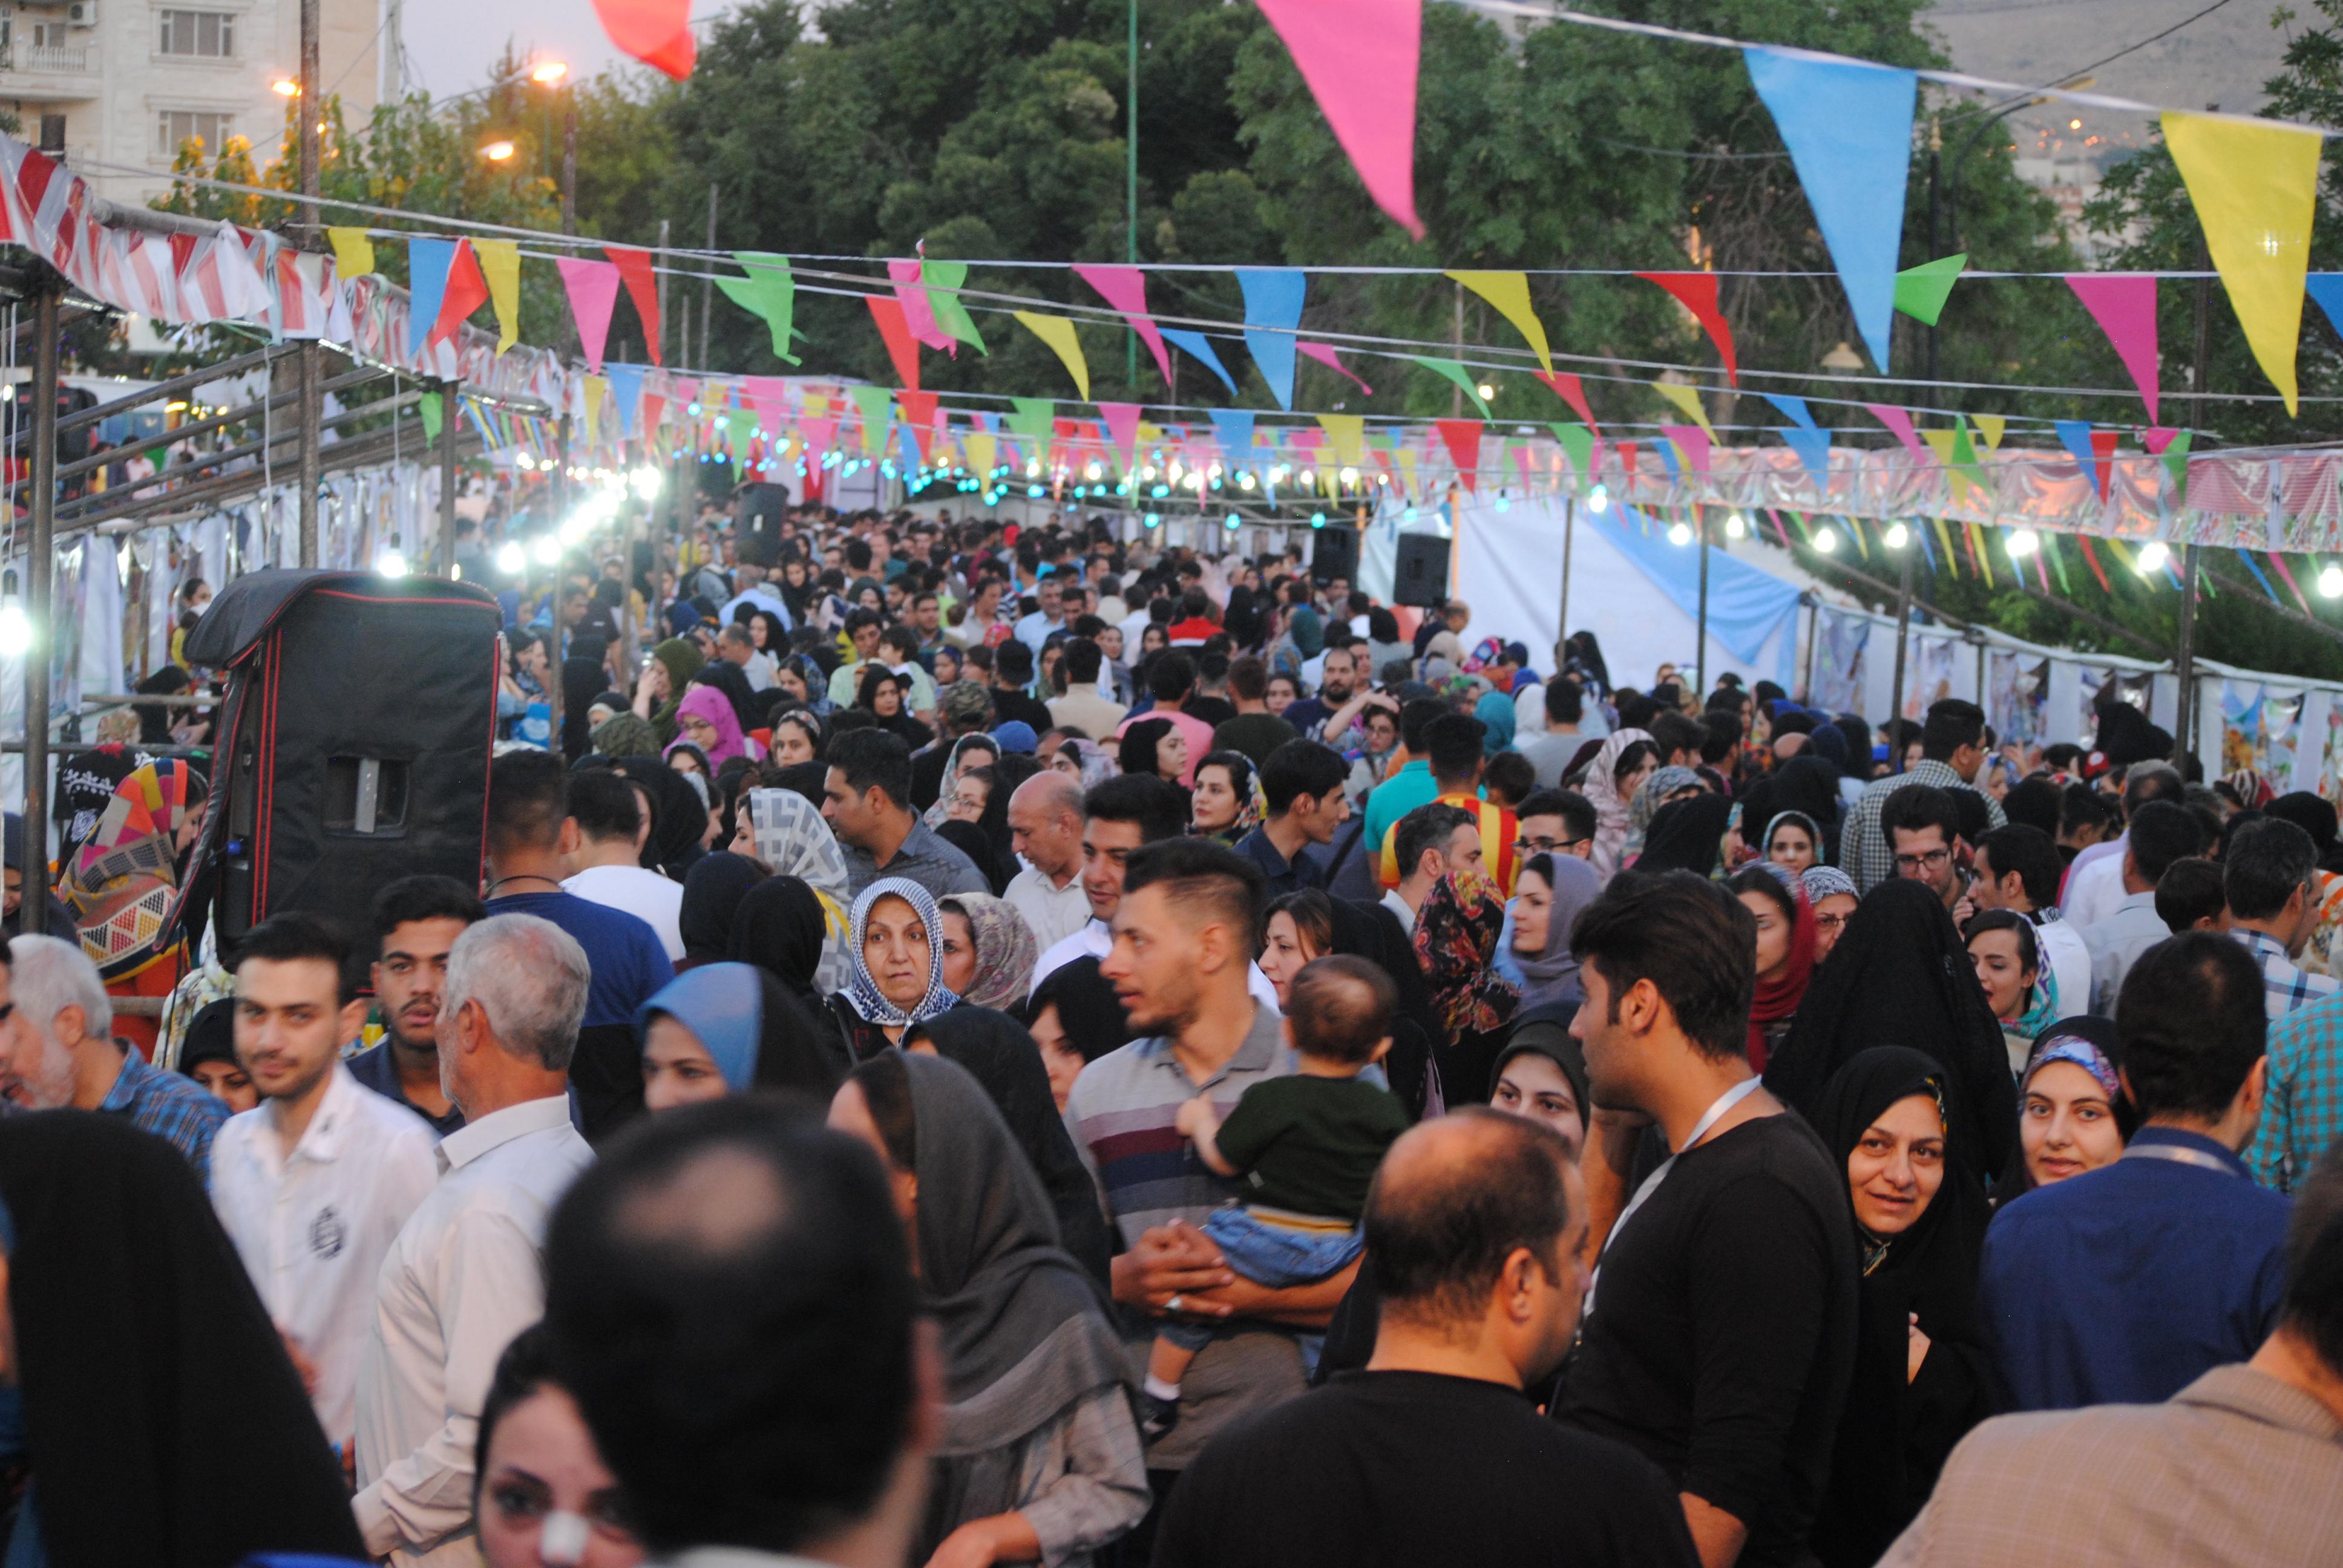 استقبال گرم مردم خرمآباد از جشنواره خیریه غذا + فیلم